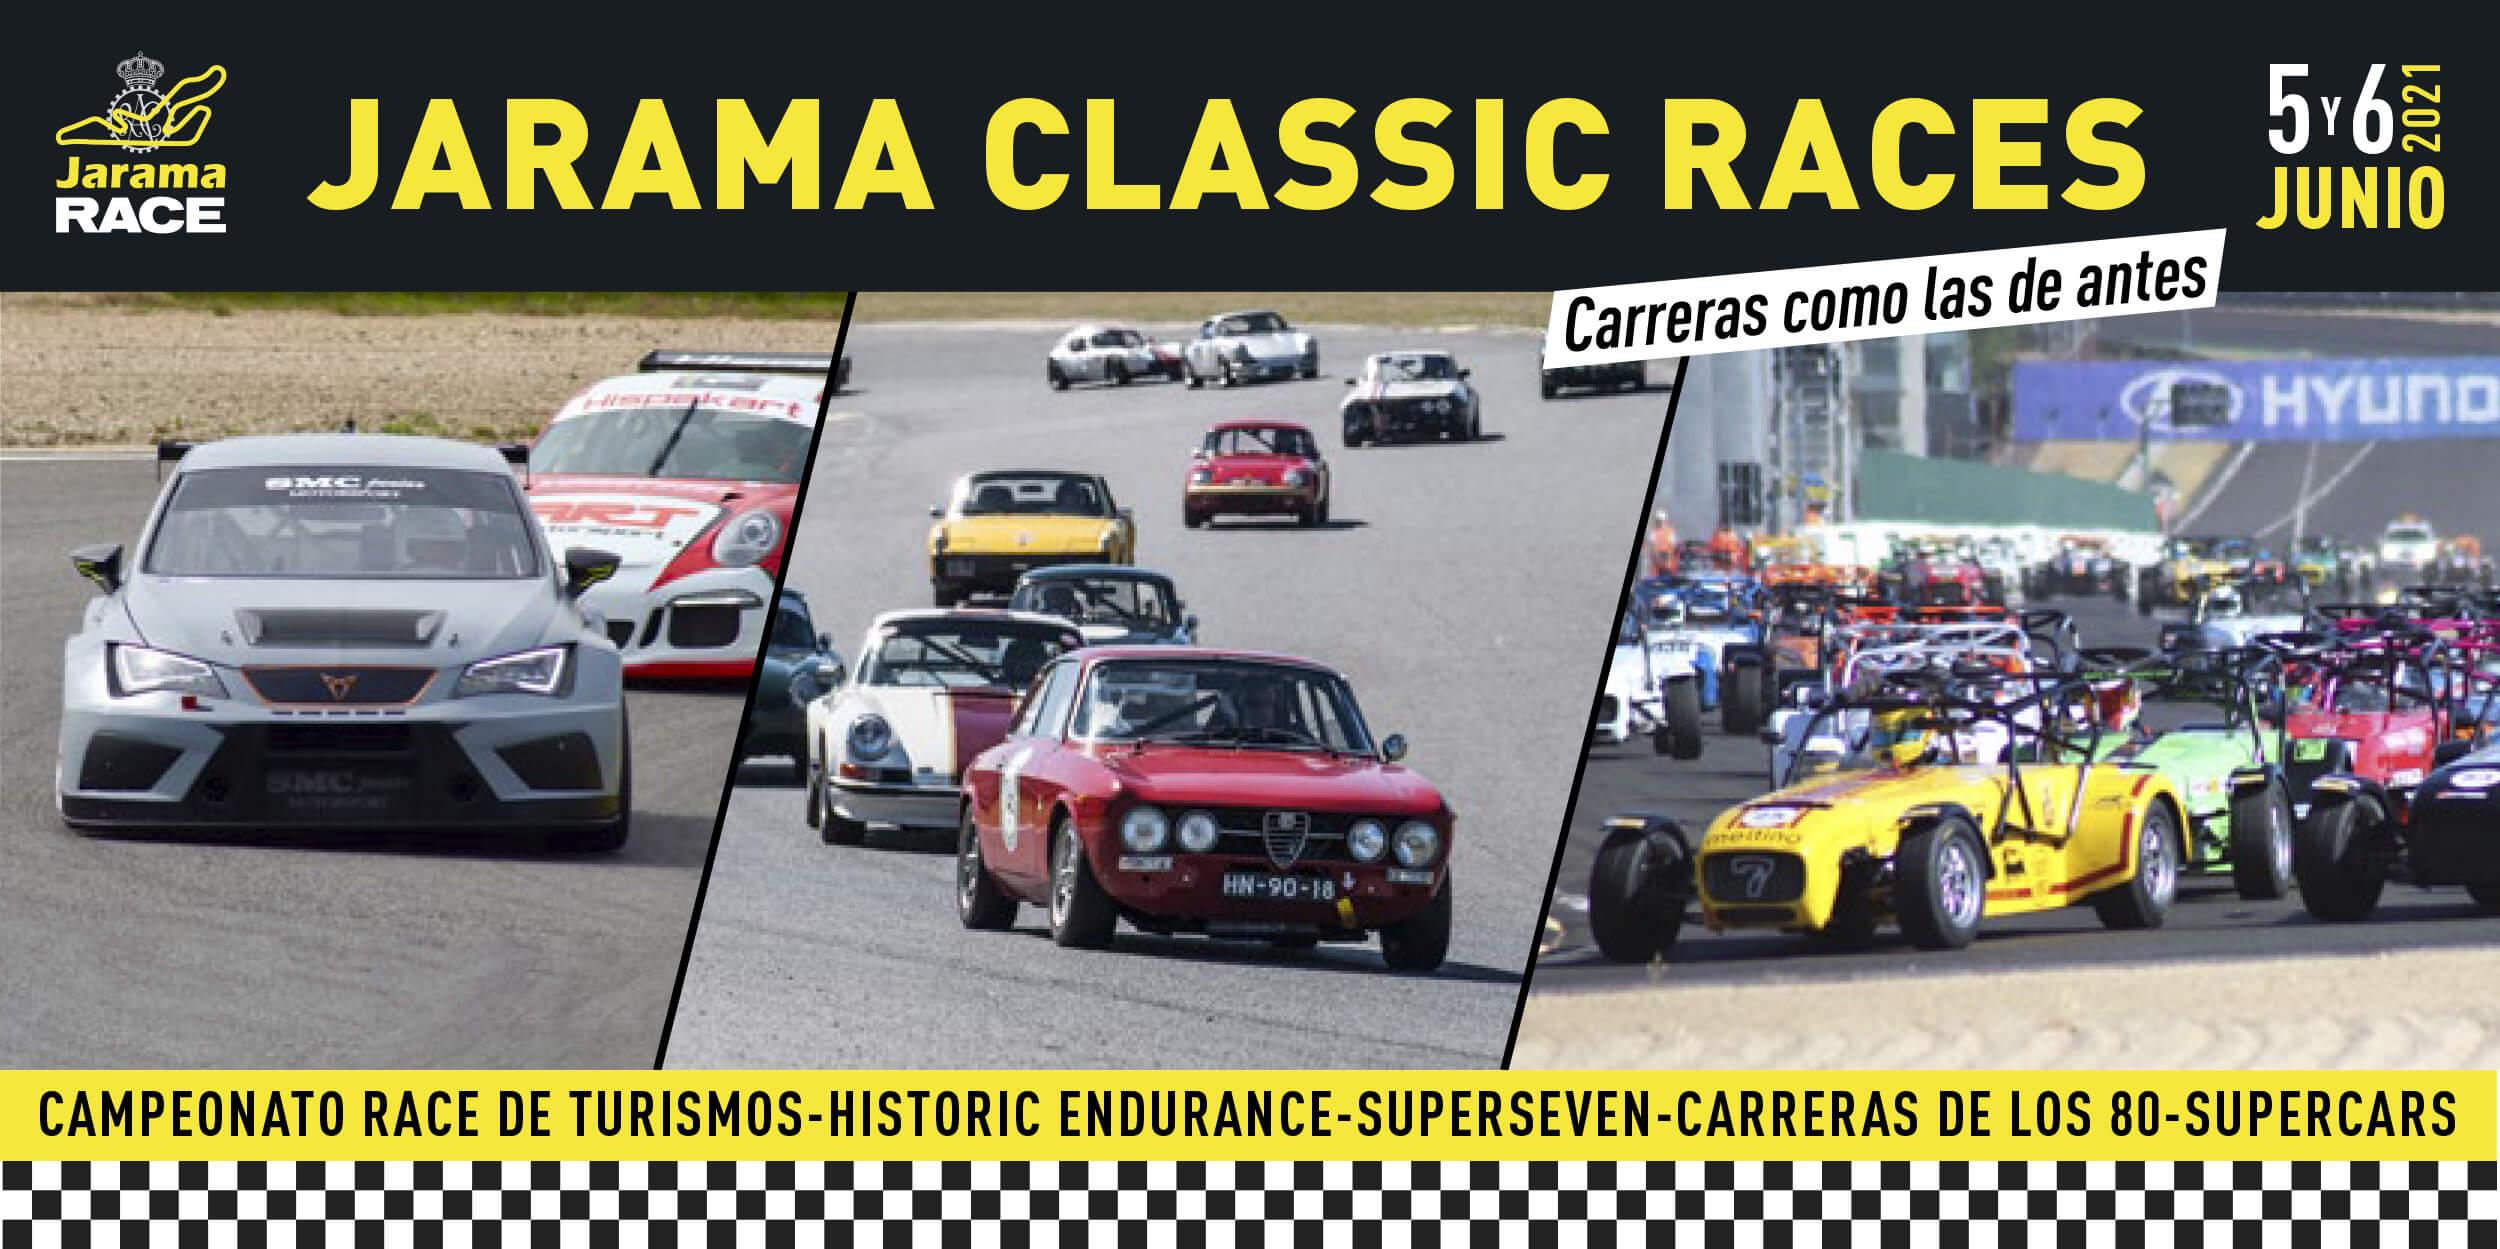 Concentración y Carreras de coches clásicos Jarama Classic Races